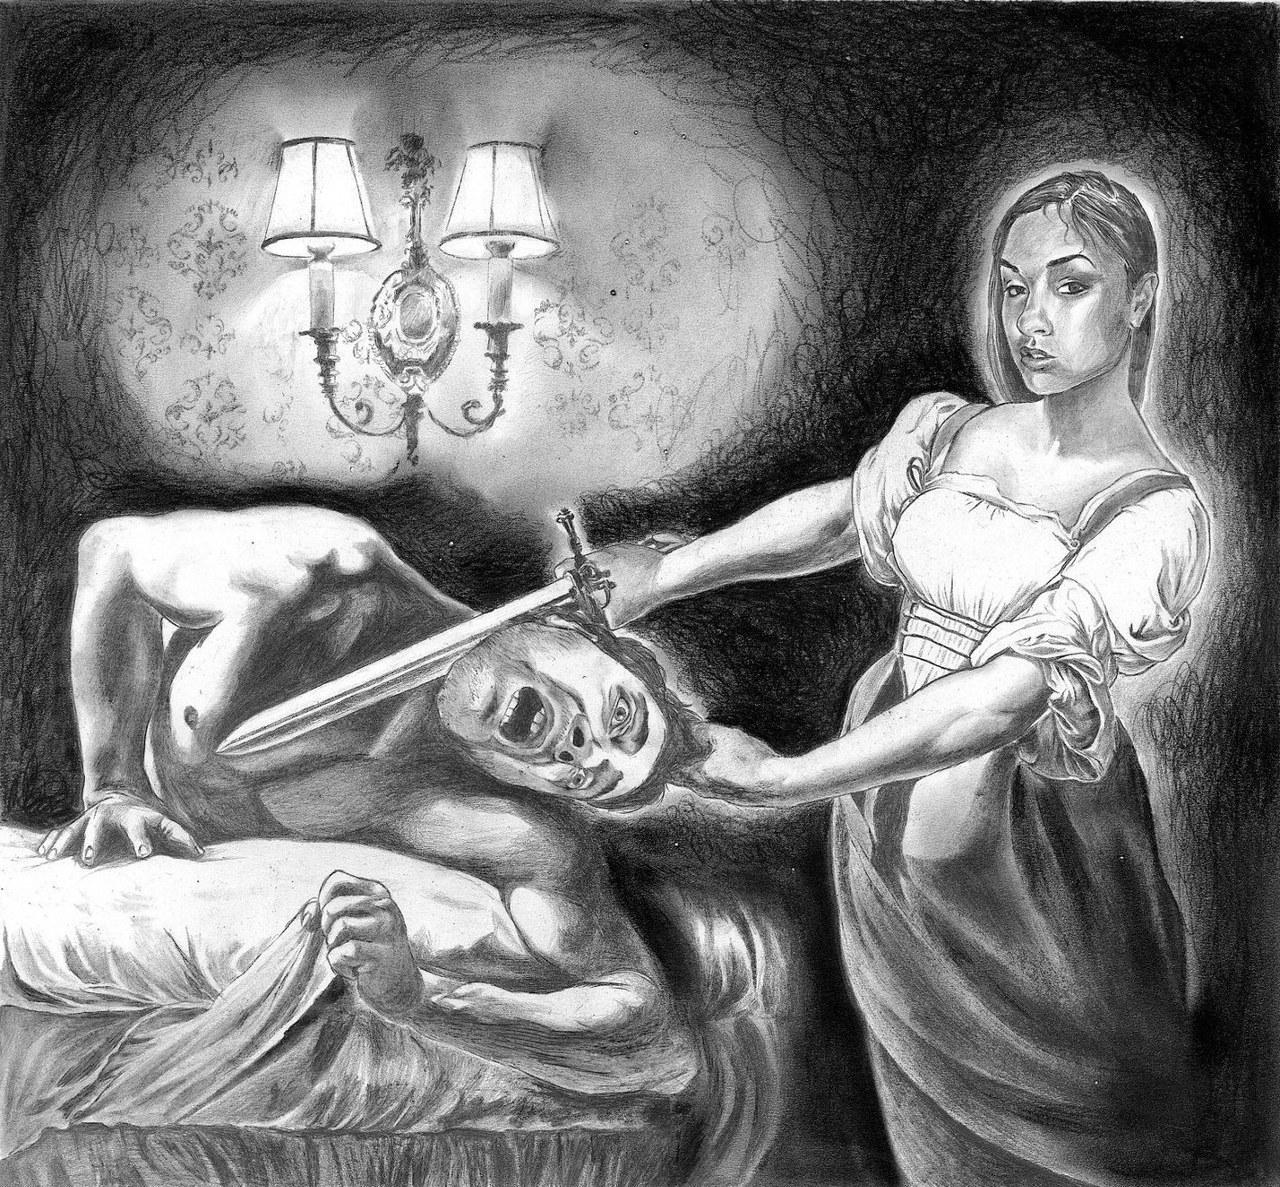 Tommaso Pincio, da Giuditta e Oloferne di Caravaggio, 2011